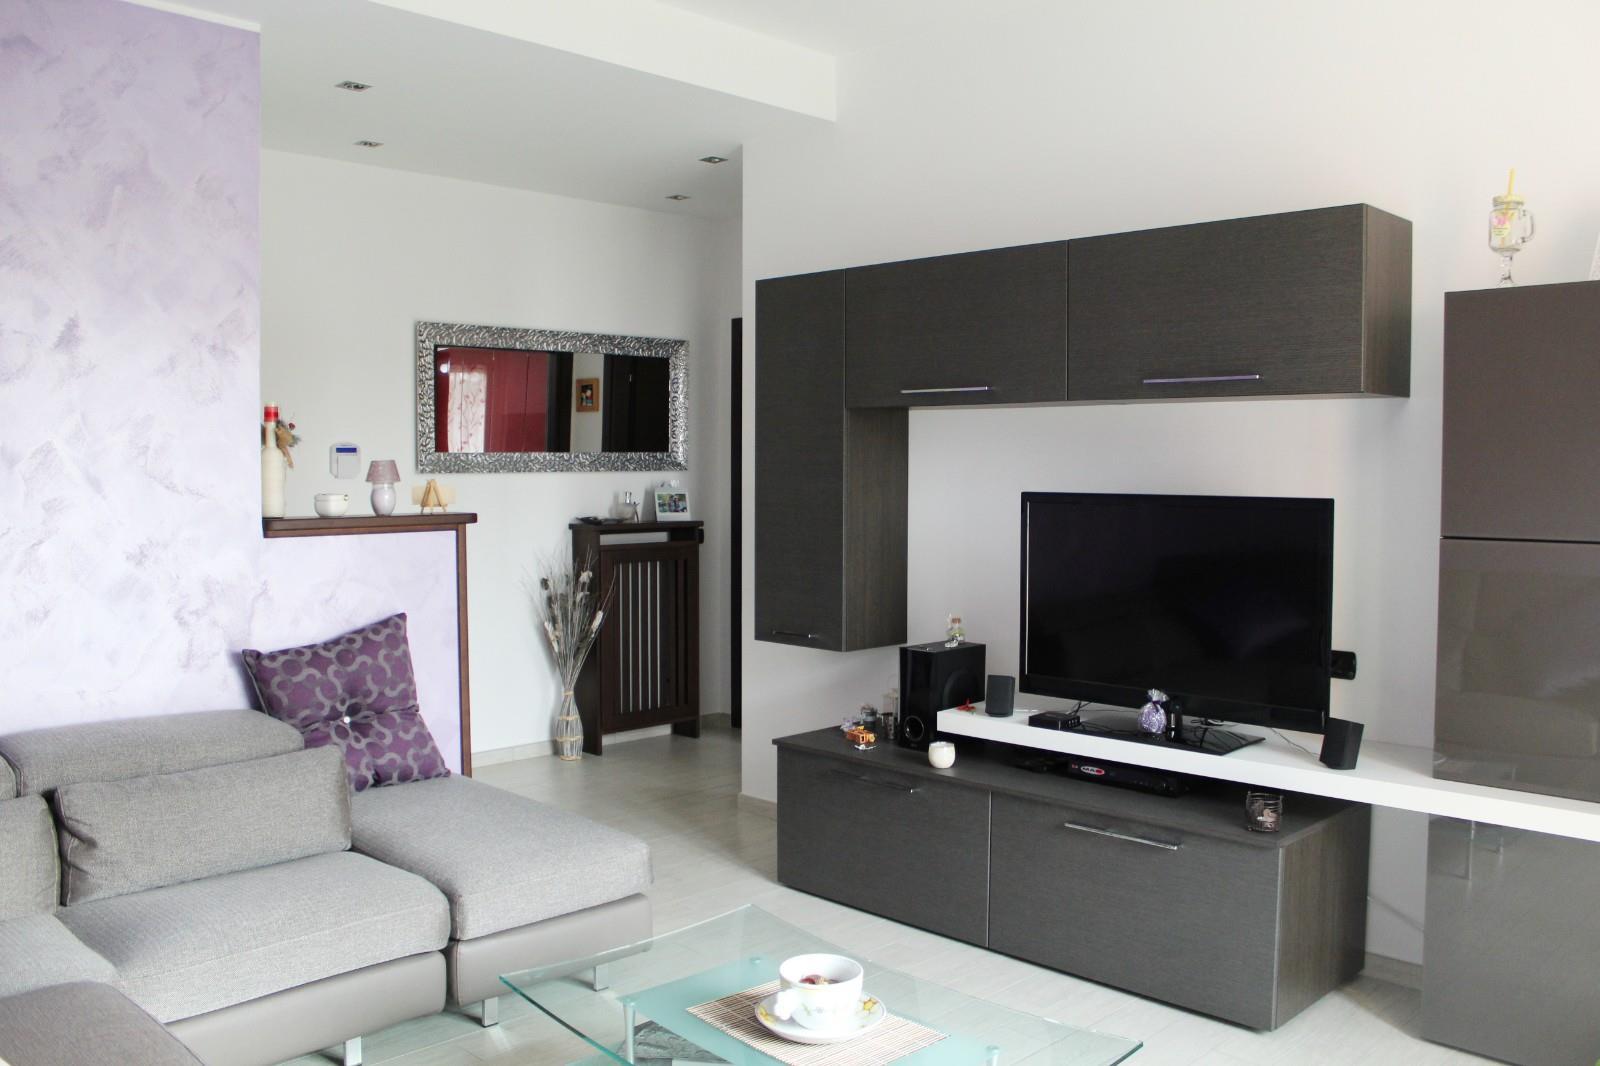 Foto 1 - Appartamento in Vendita - Carate Brianza (Monza e Brianza)